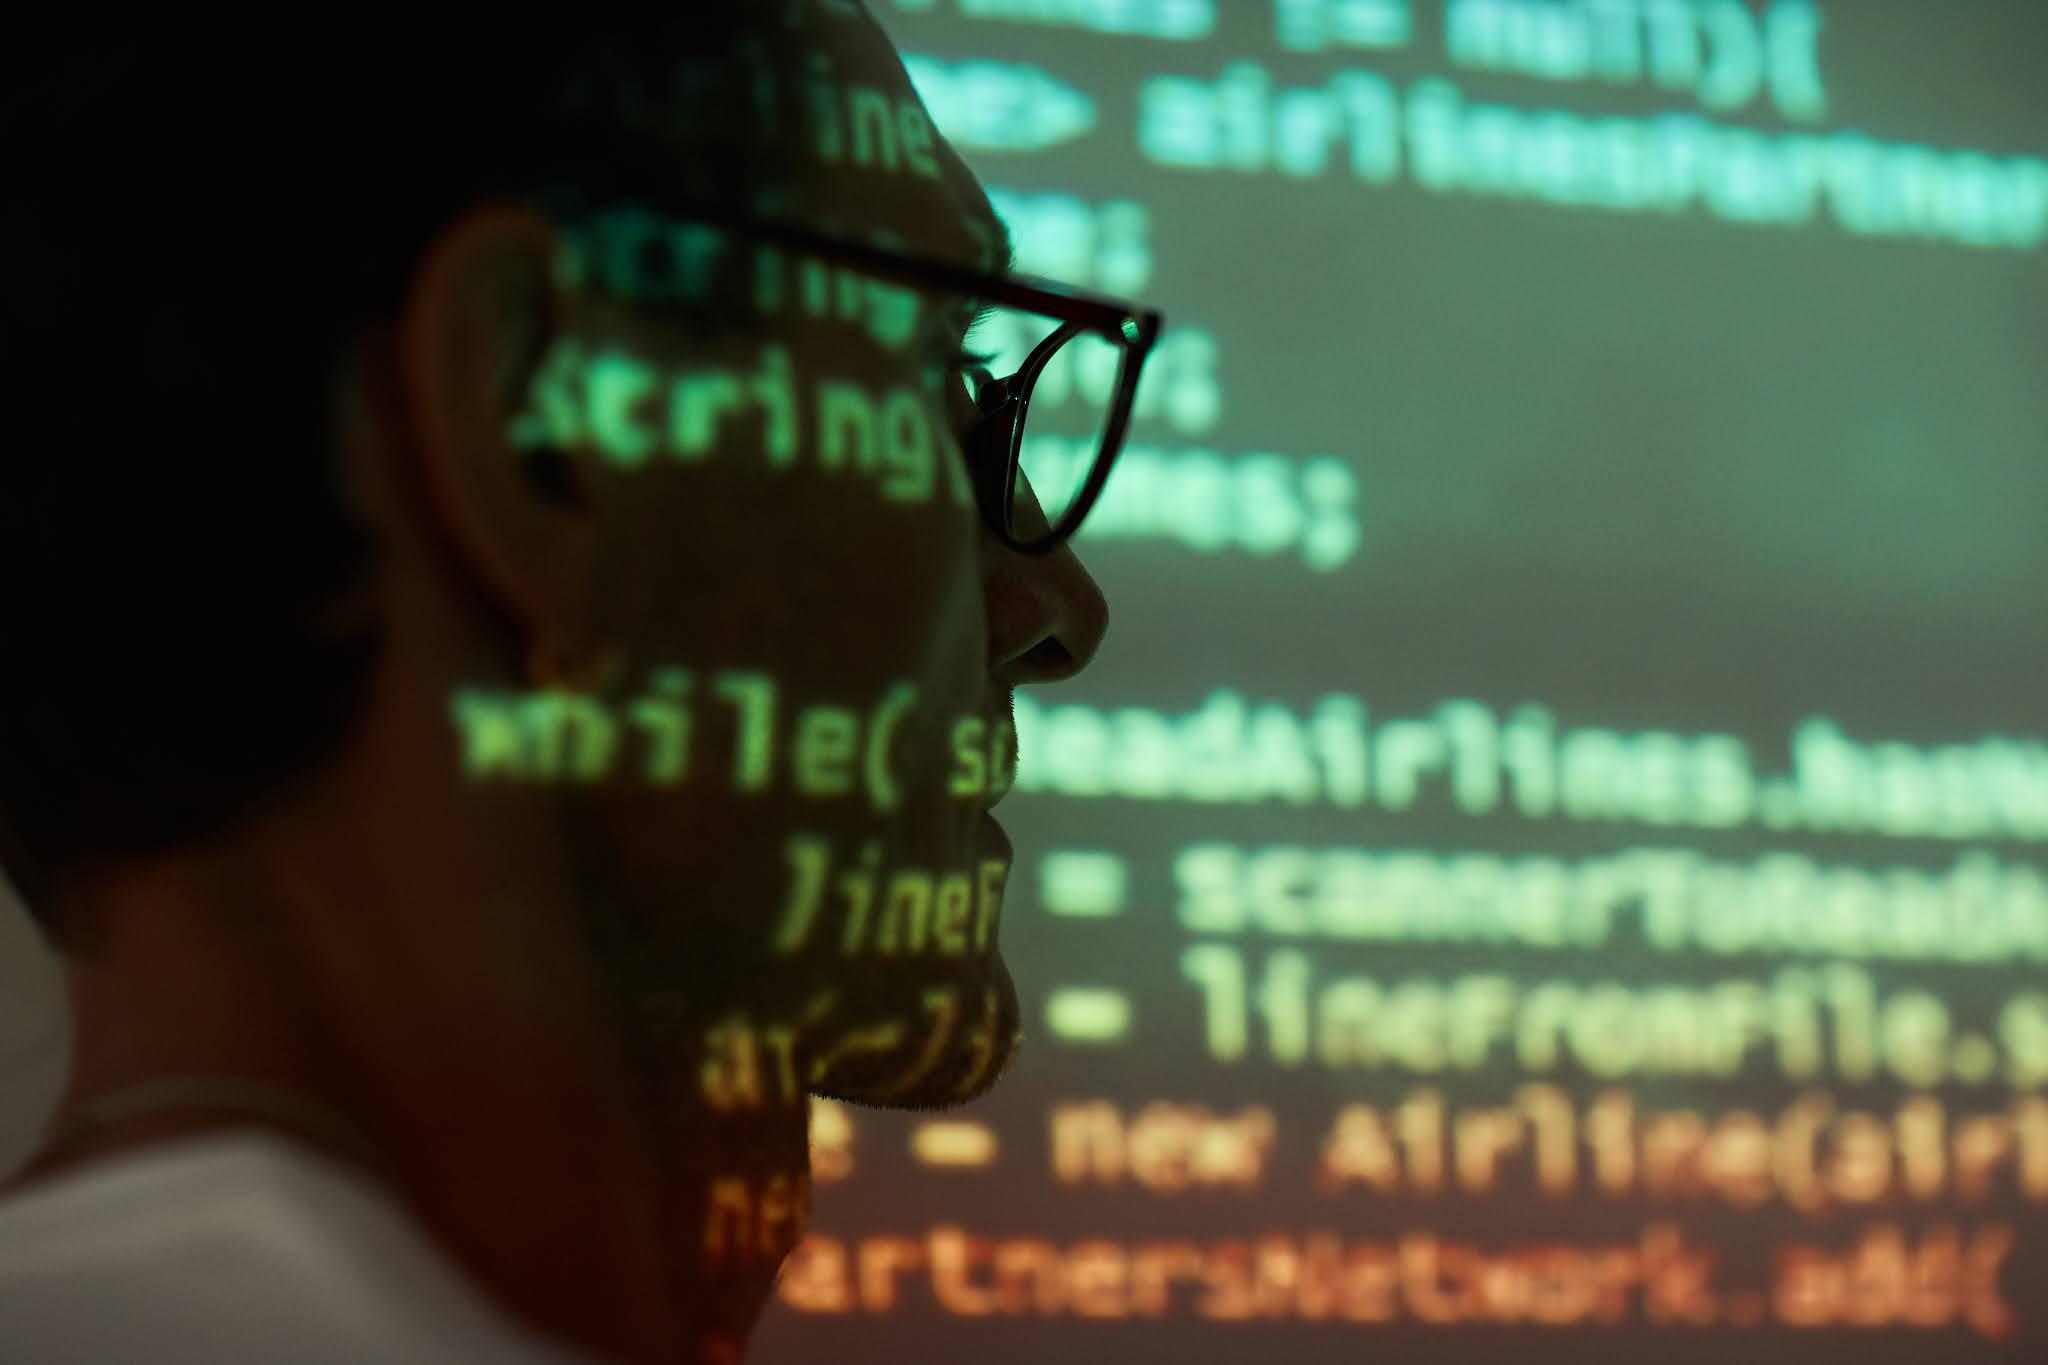 البرمجة والتكنولوجيا technology أدوات بناء المستقبل الأساسية